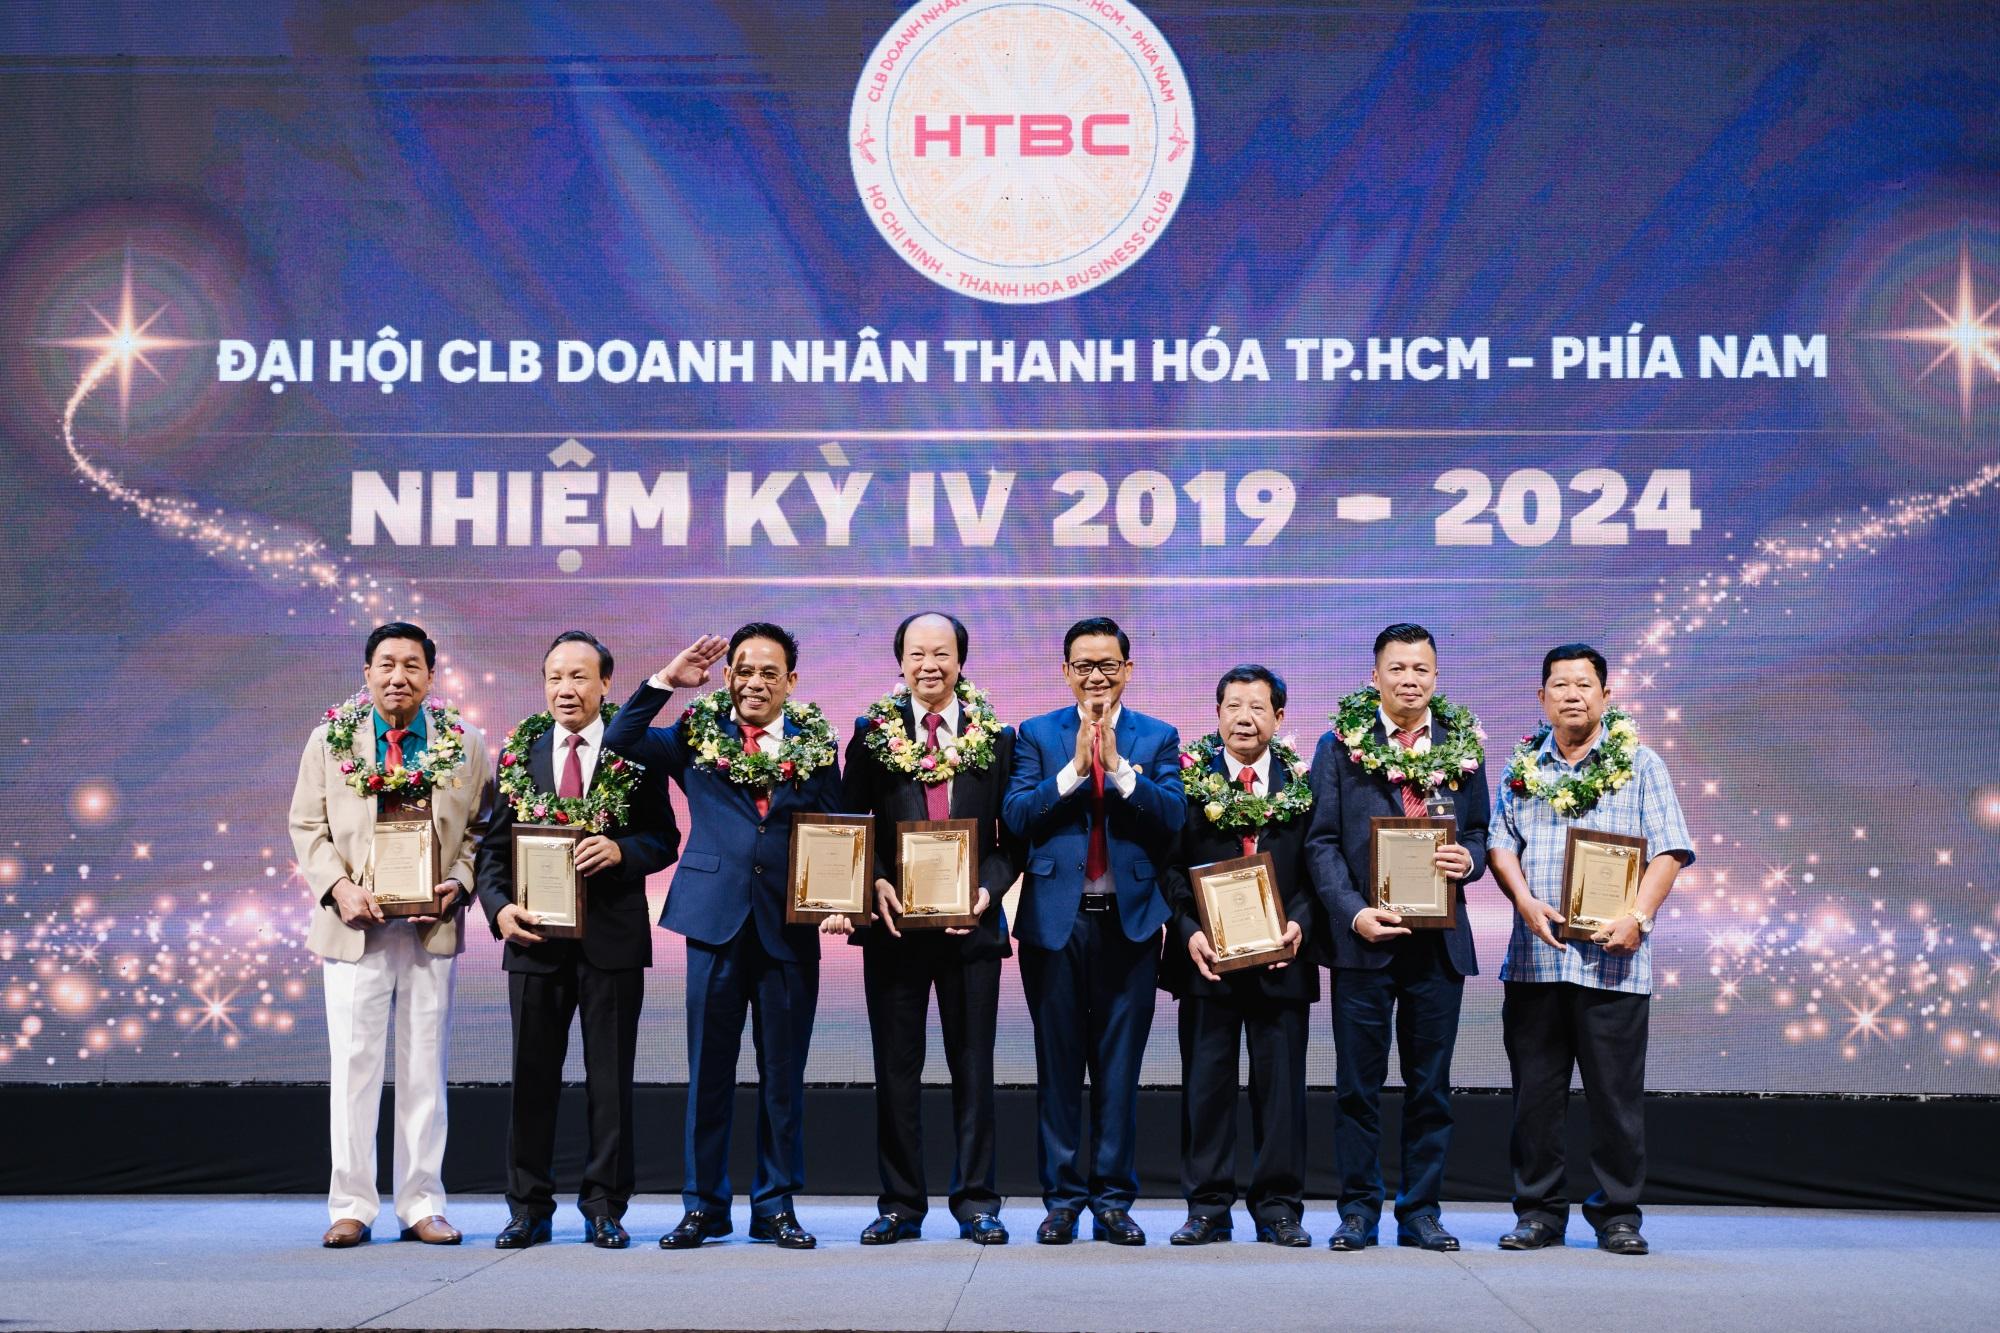 Câu lạc bộ Doanh nhân Thanh Hoá tại TP.HCM kỷ niệm 10 năm thành lập và ra mắt Ban chấp hành mới - Ảnh 3